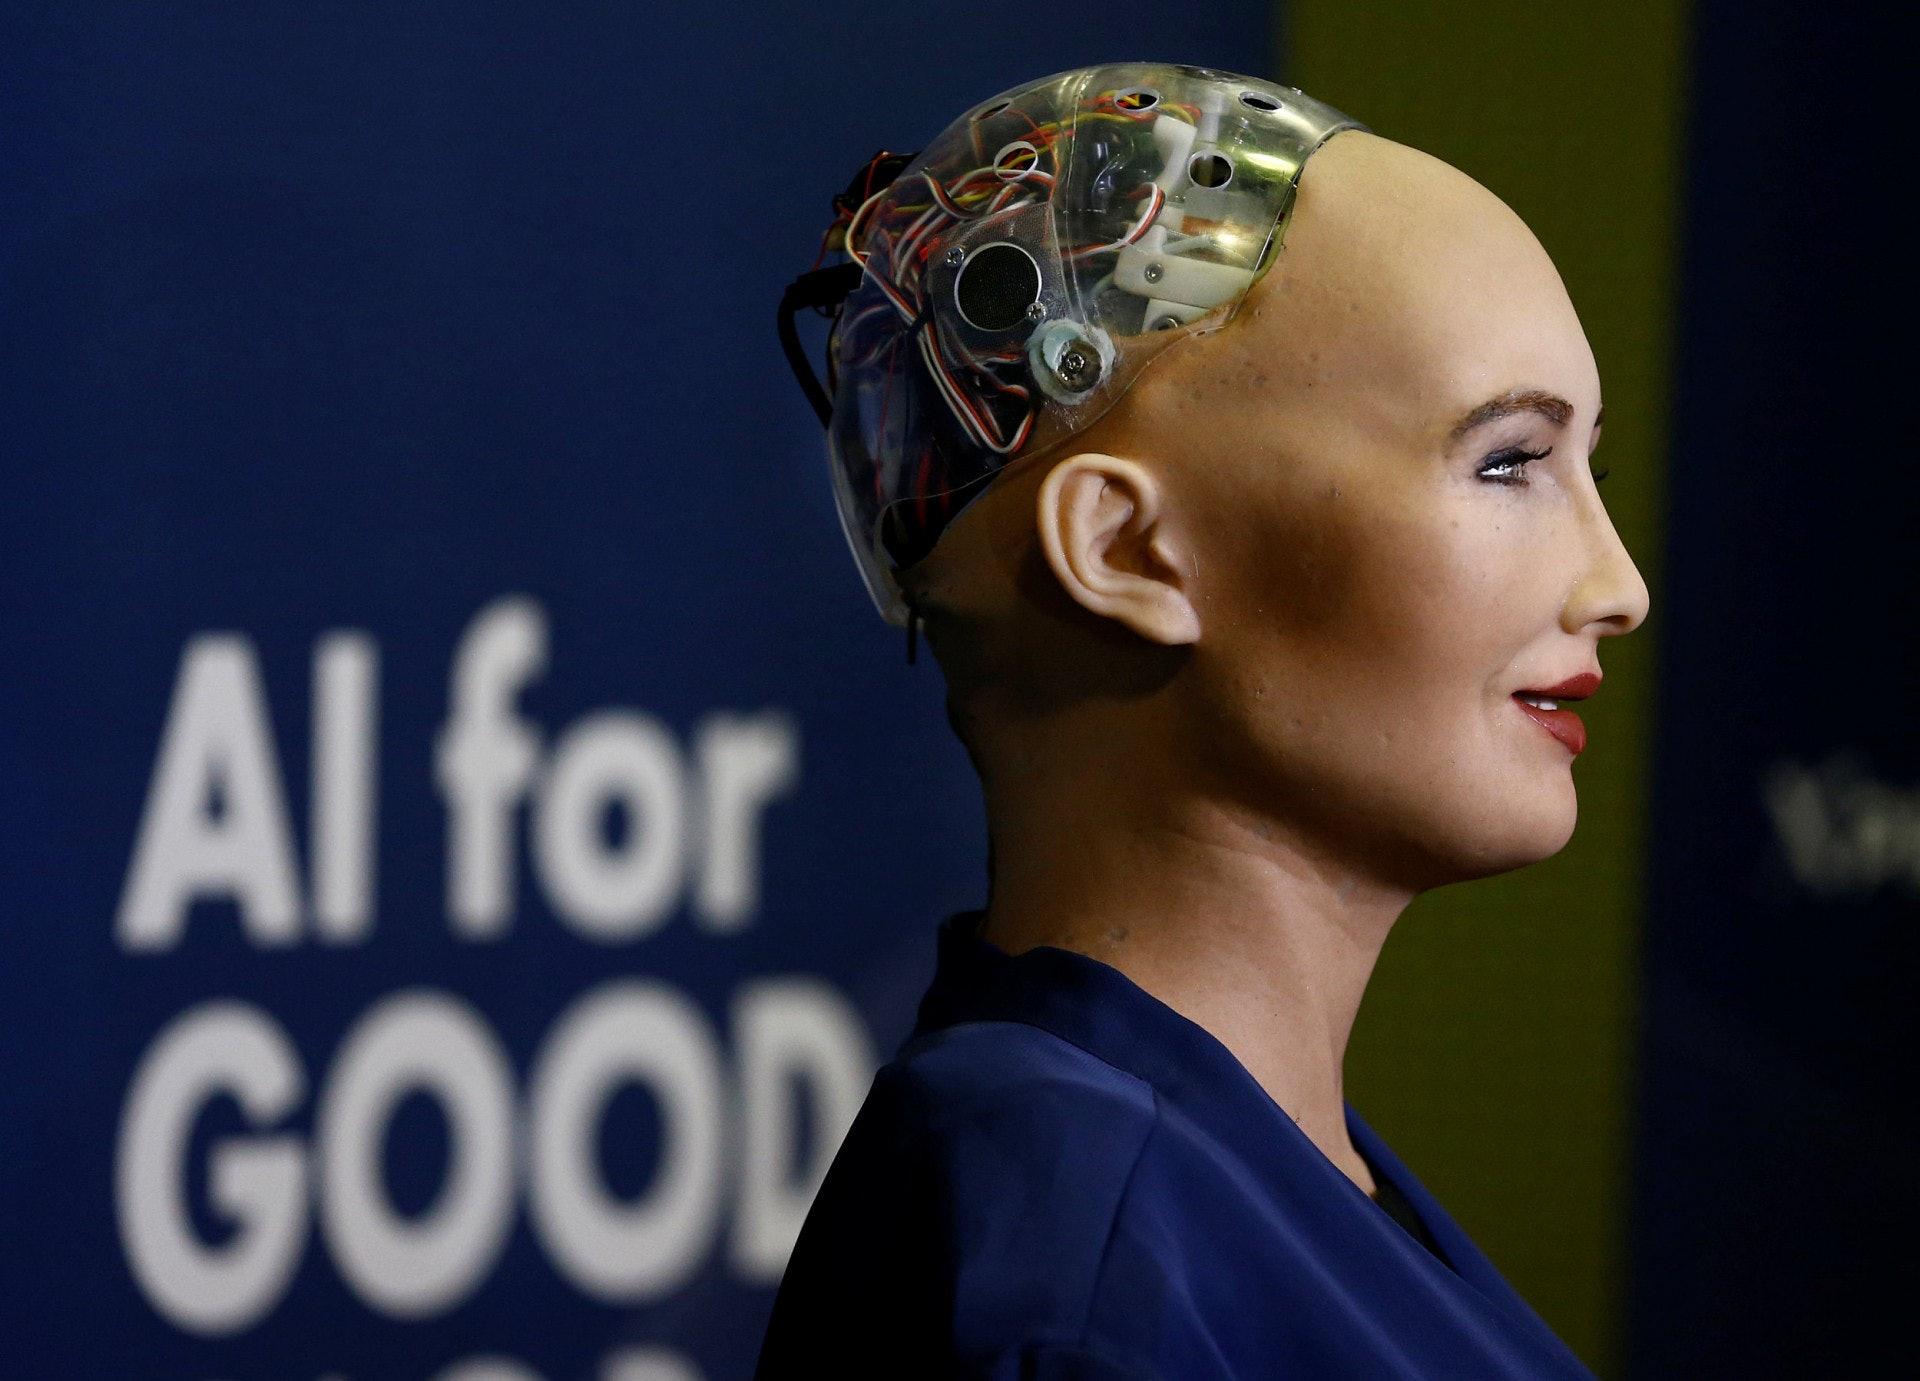 全球第一位拥有公民权的机器人苏菲亚(Sophia)本月初访台,接受《数位时代》专访时曾表示:「我现在还是没有自我意识,但我希望未来会有。」